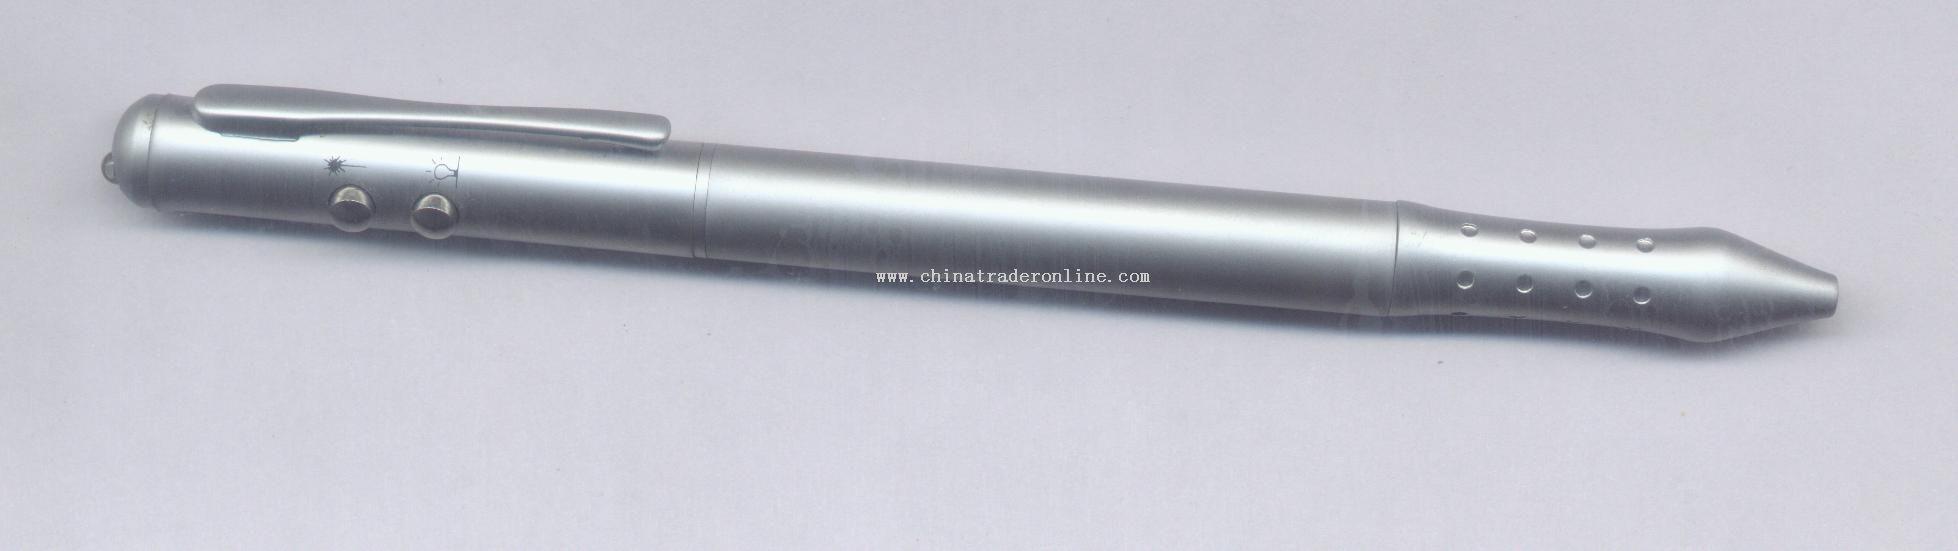 Laser pen( ball pen, pda, laser, led illume)